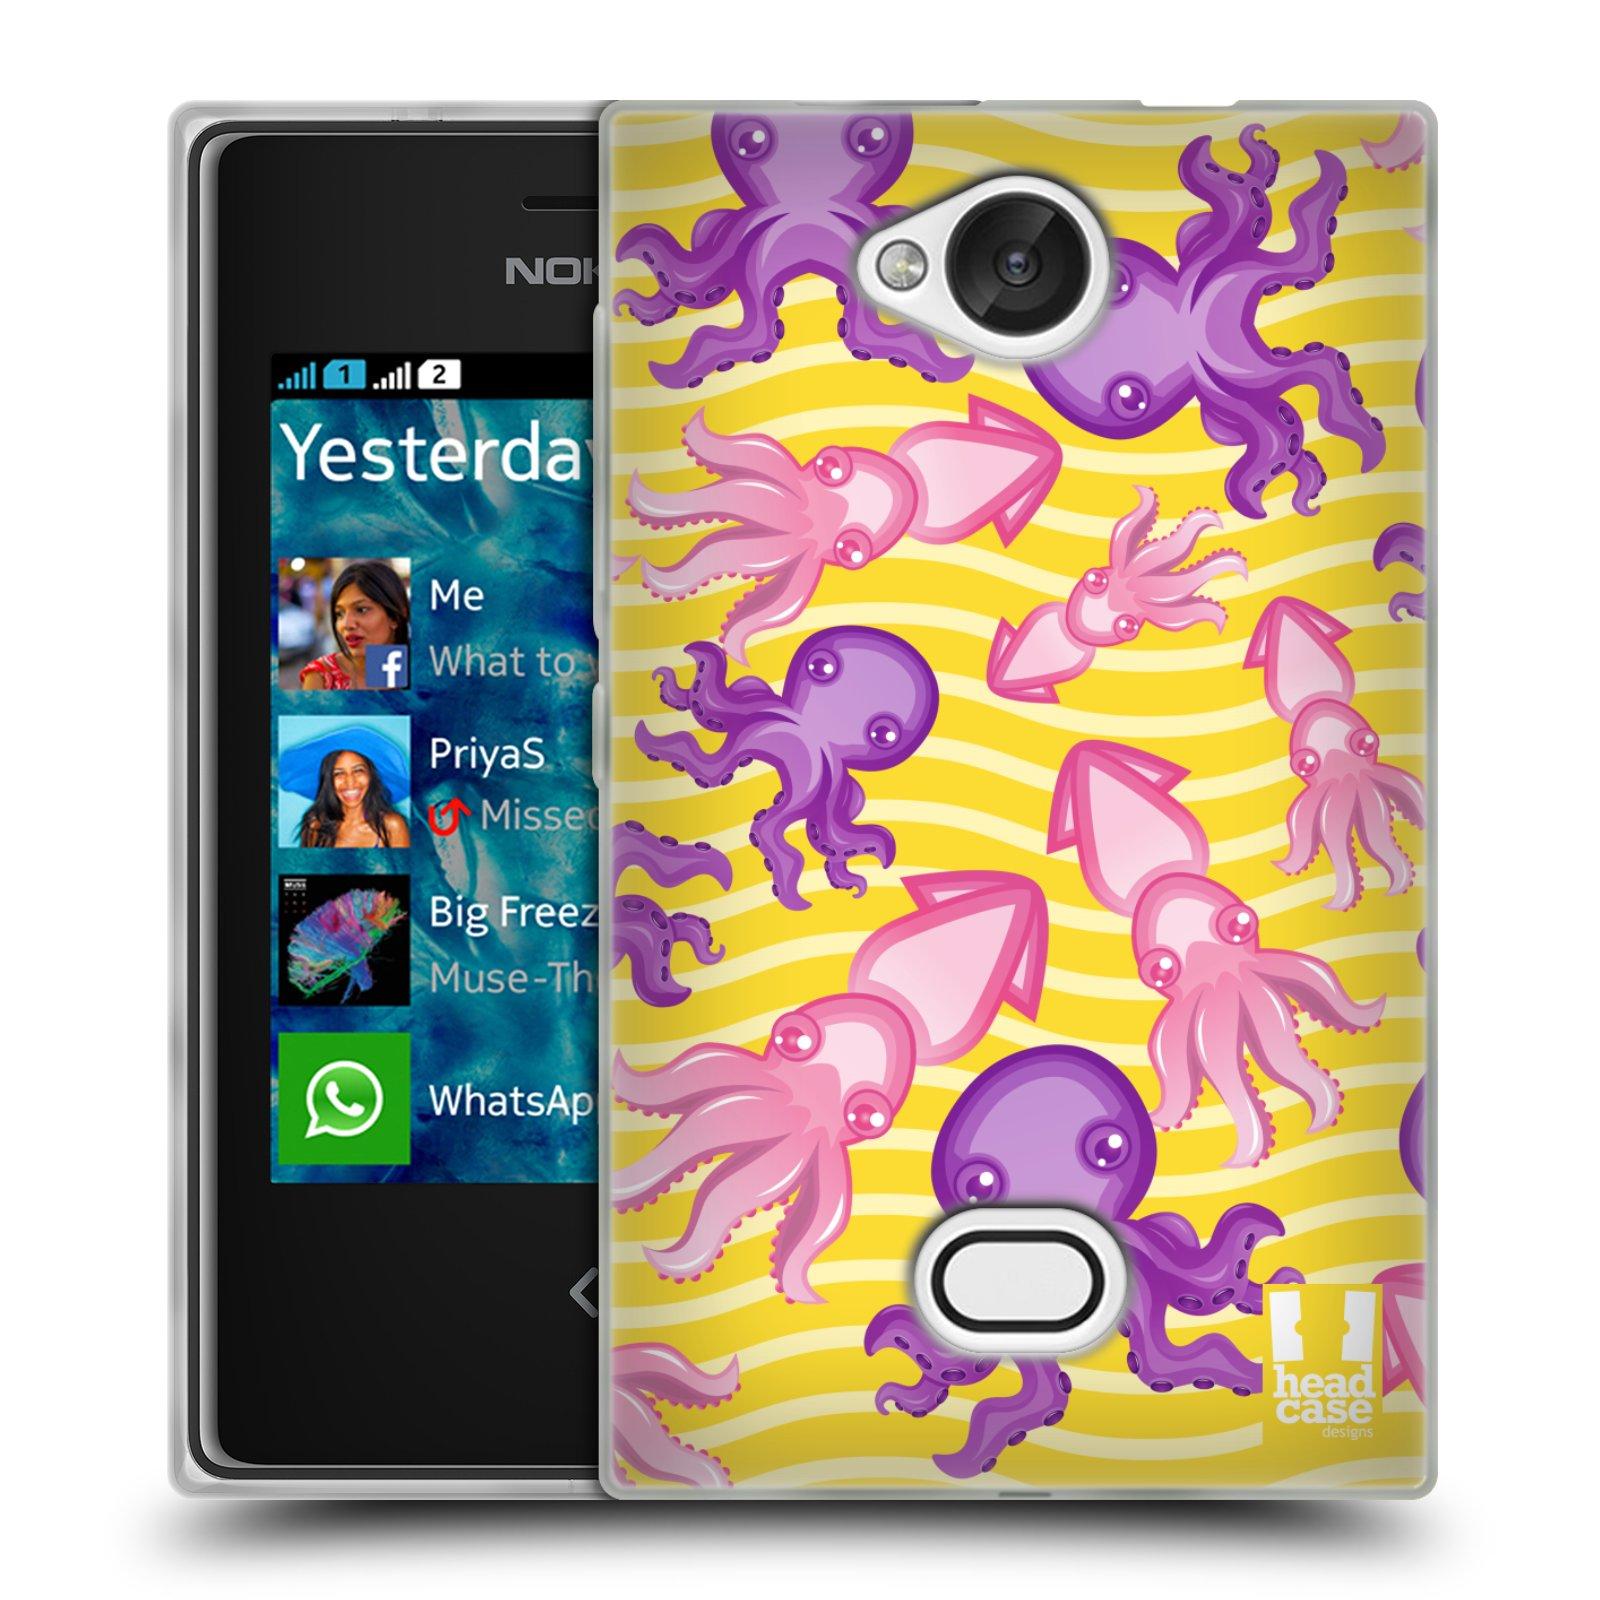 HEAD CASE silikonový obal na mobil NOKIA Asha 503 vzor mořský živočich chobotnice